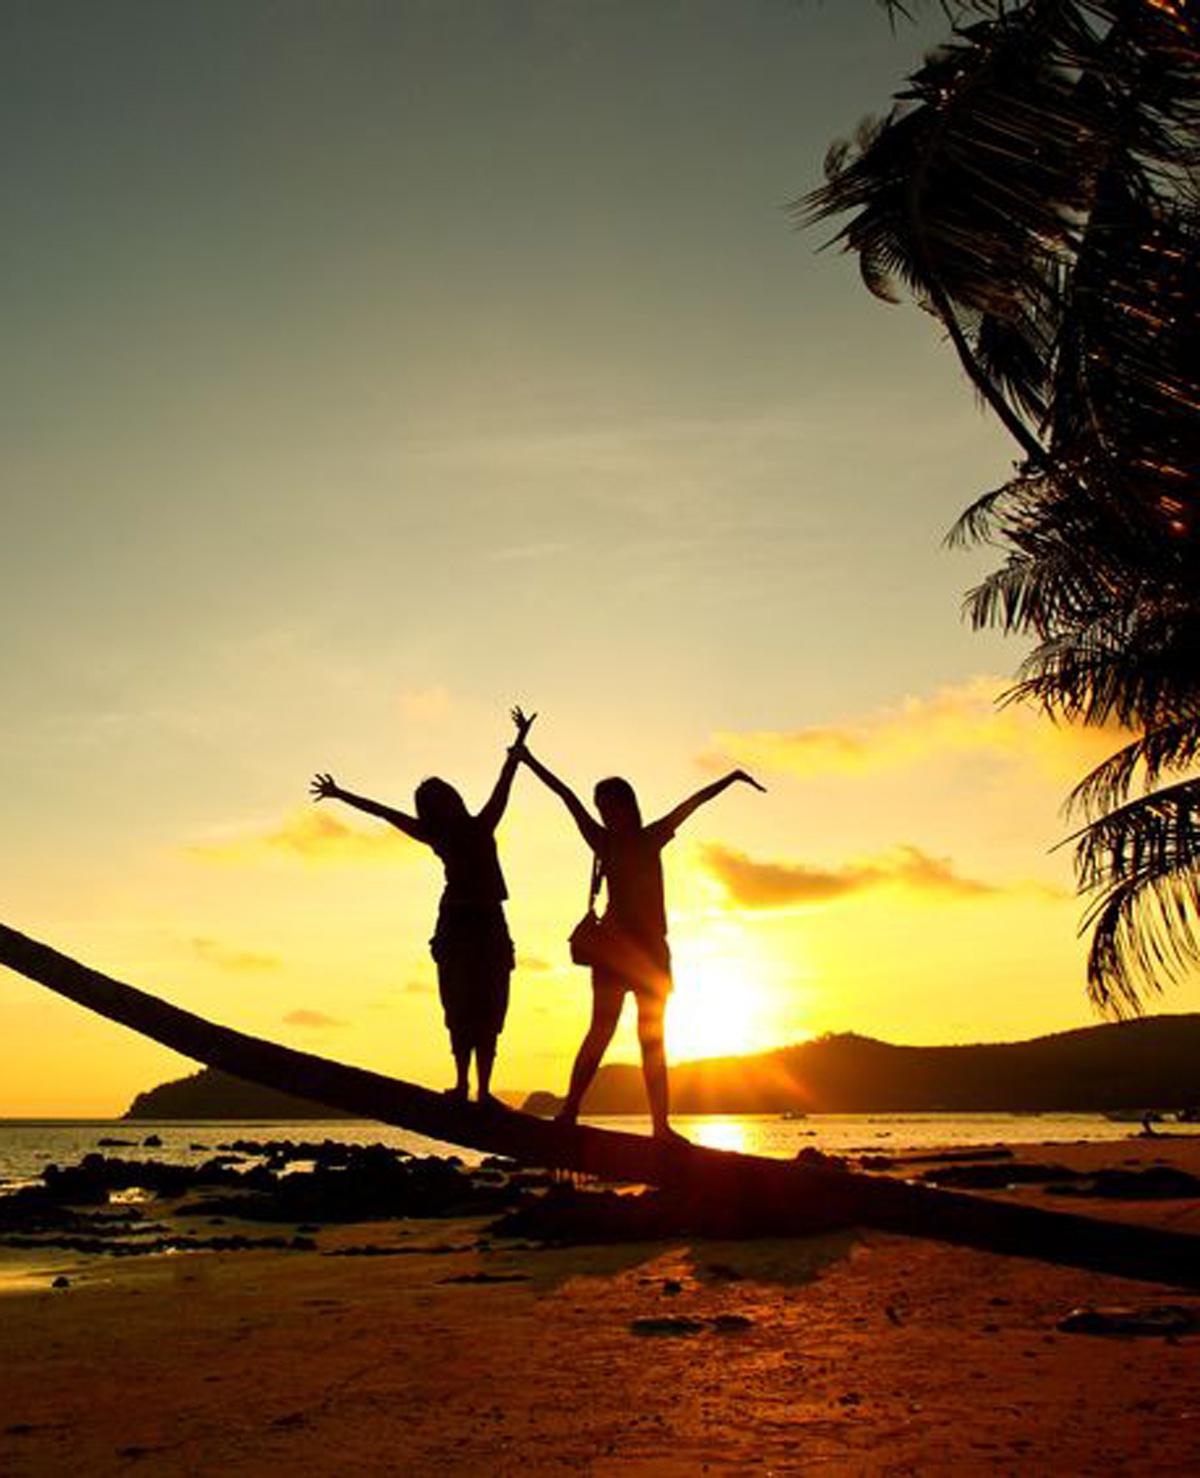 Oproep: Heb jij iets moois meegemaakt op vakantie dat je nooit zult vergeten?